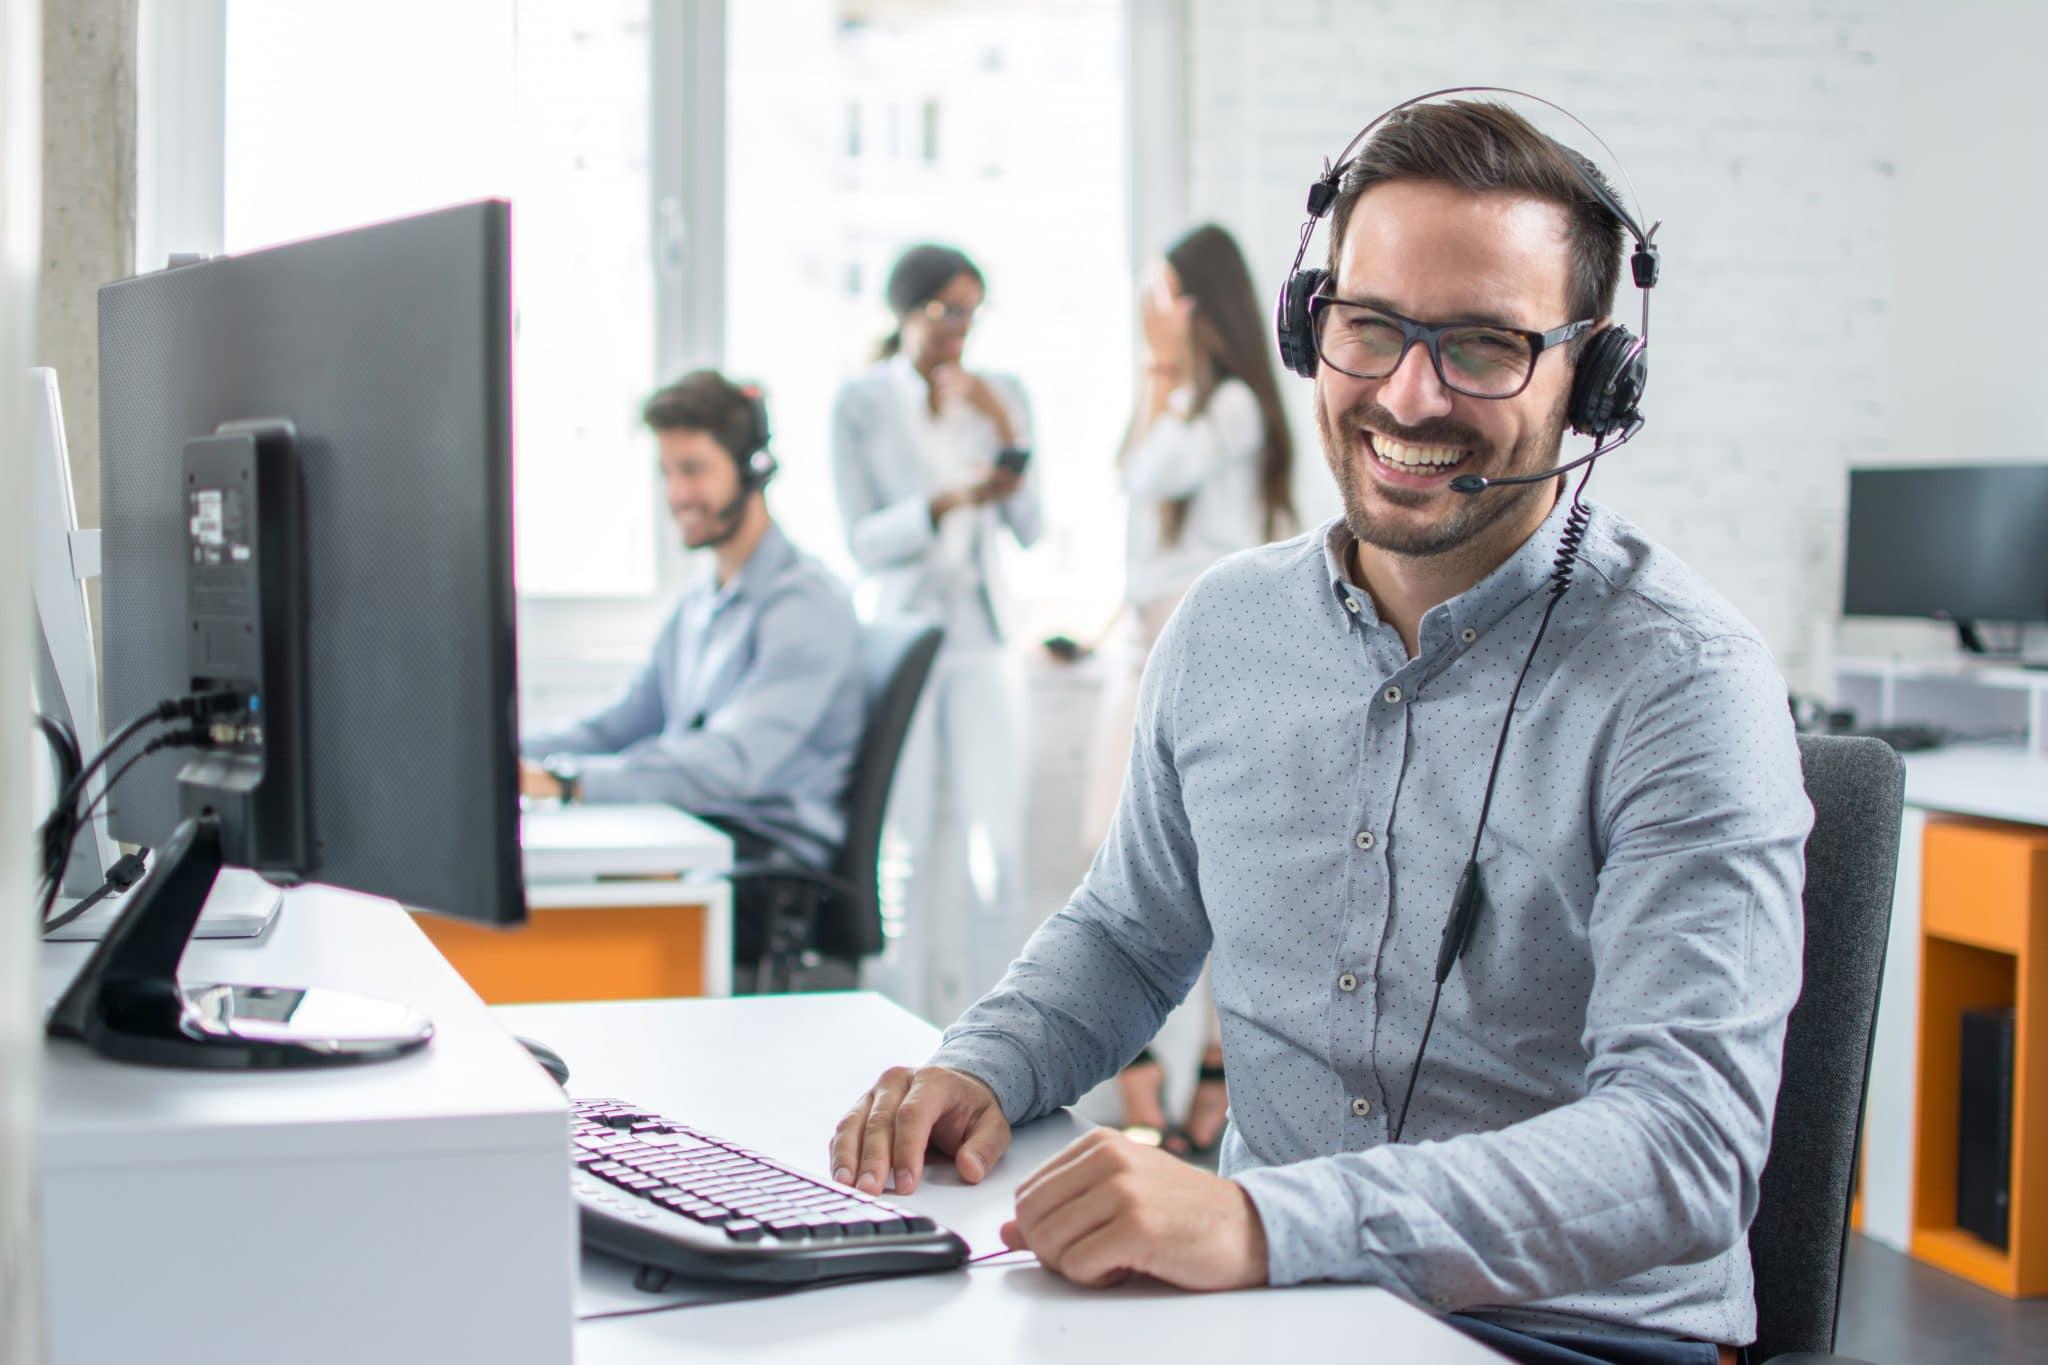 Våra Customer Success Managers hjälper dig med dina webbtjänster och ger dig support i världsklass